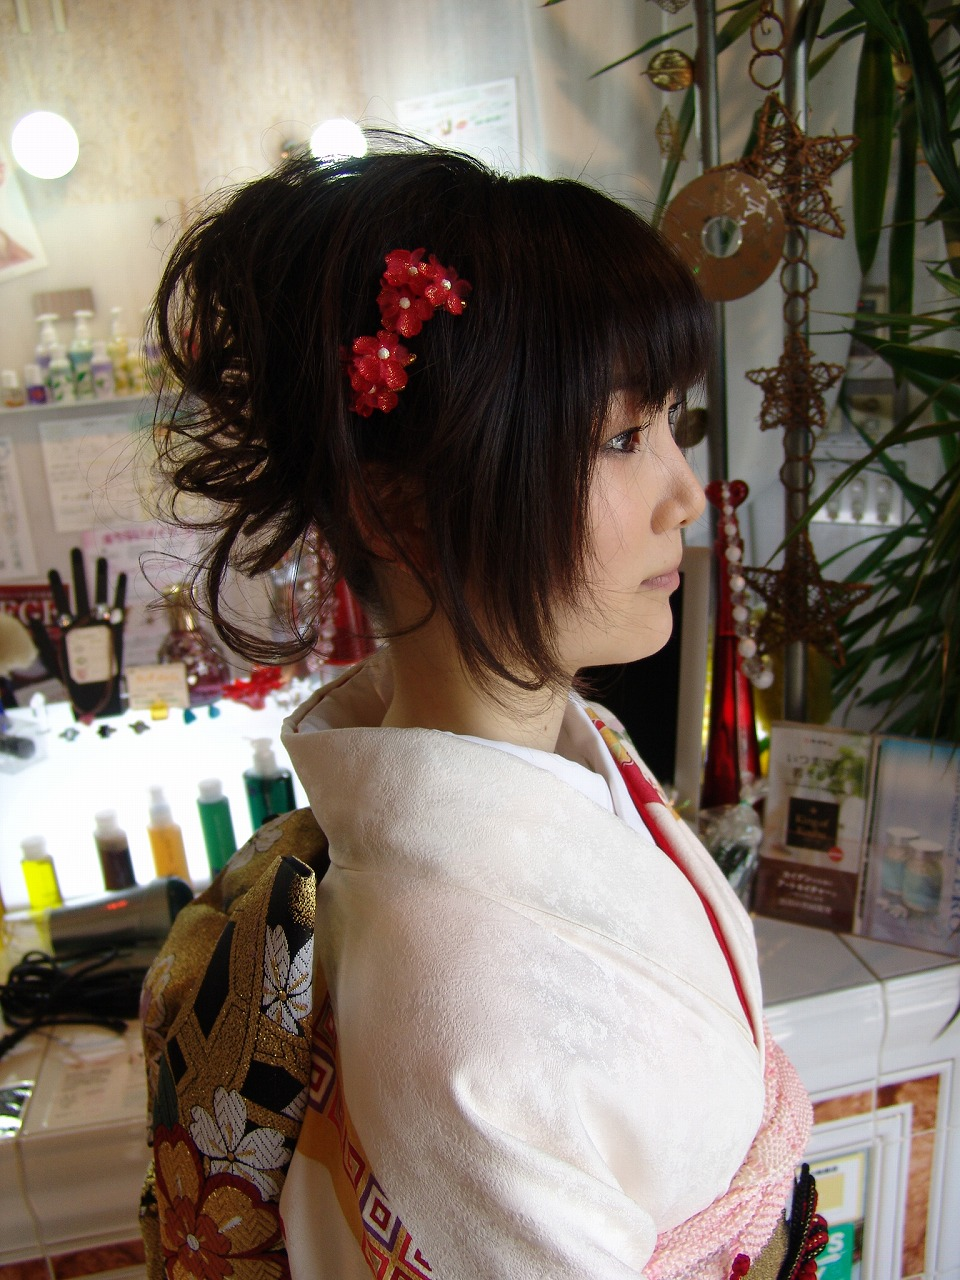 レディース 成人式 着物 和風アップ まとめ髪 パーマ カラー1